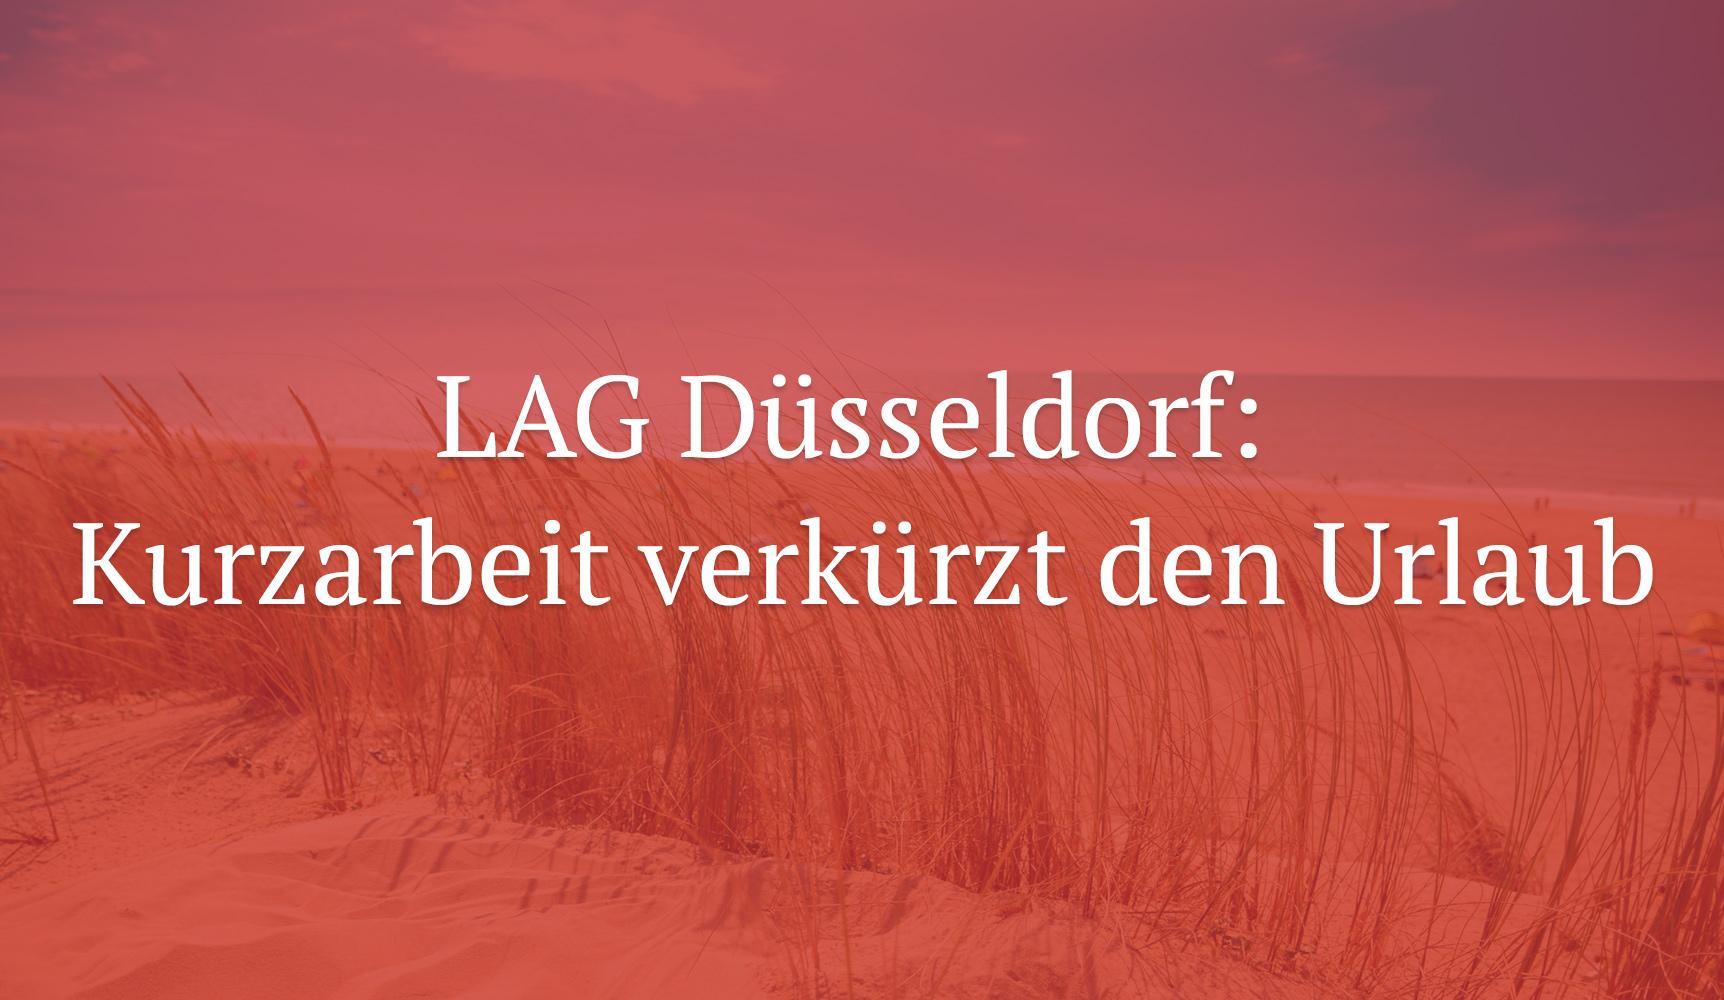 Lag Düsseldorf